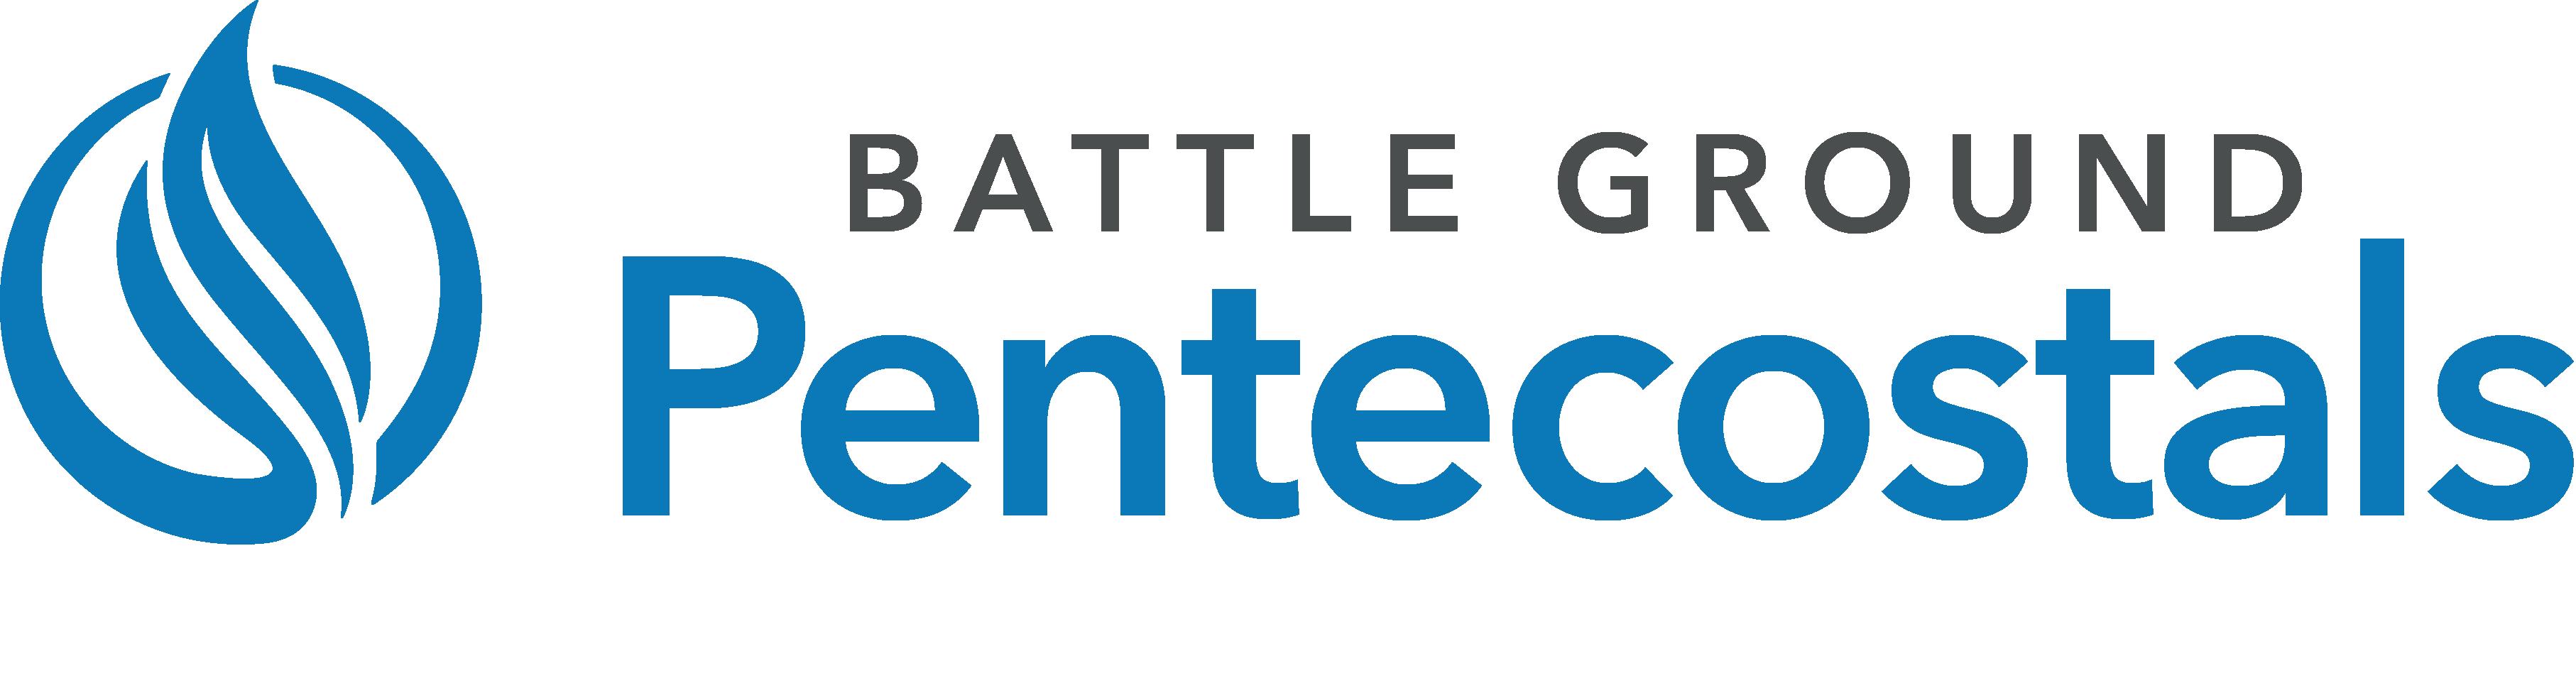 Battle Ground Pentecostals